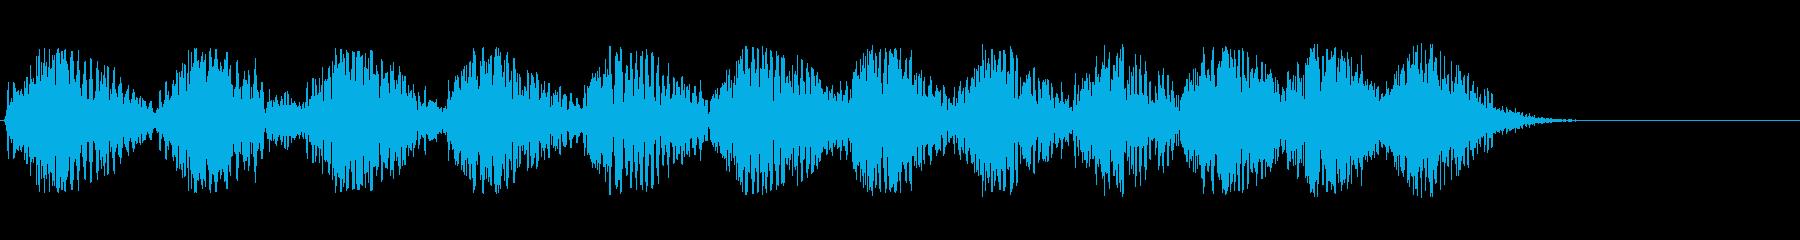 低鼓動のハートビートの再生済みの波形